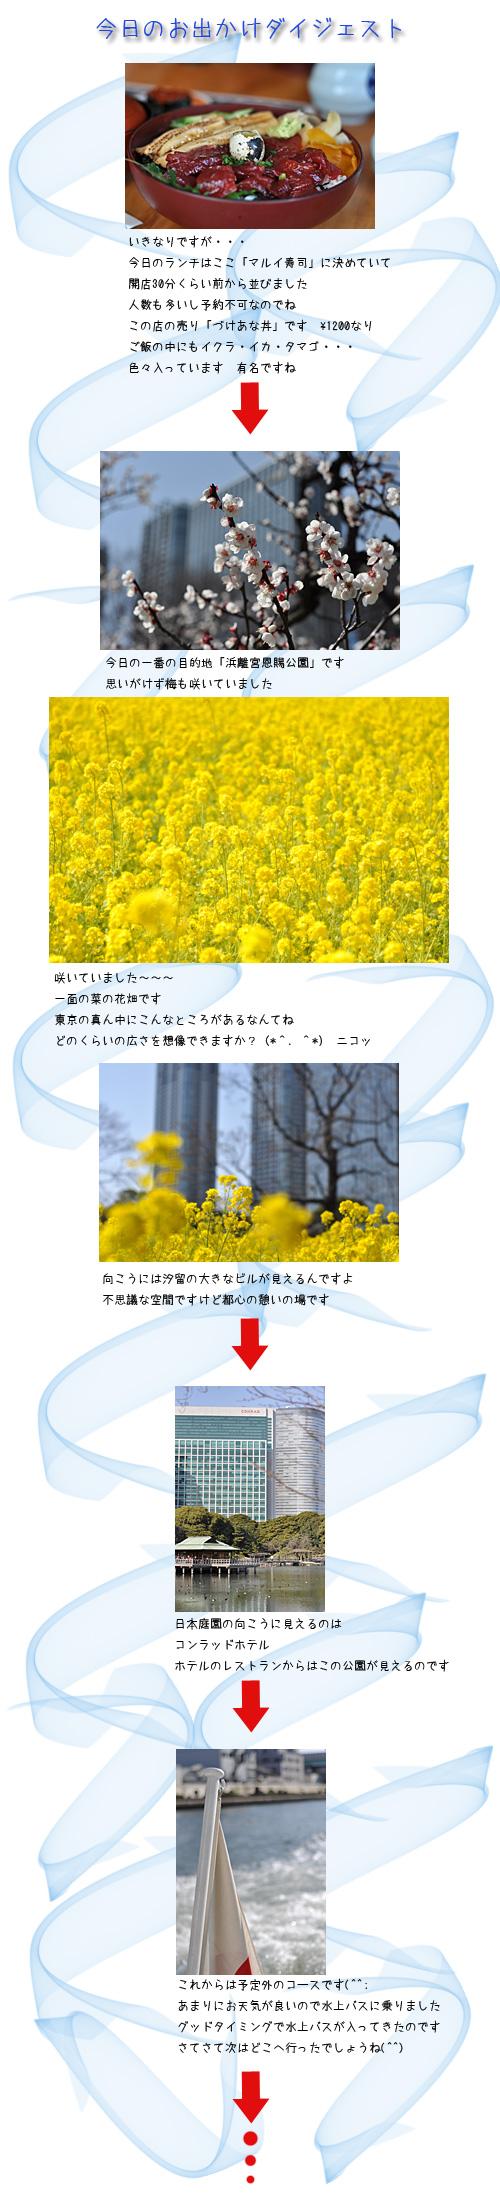 3月12日菜の花1